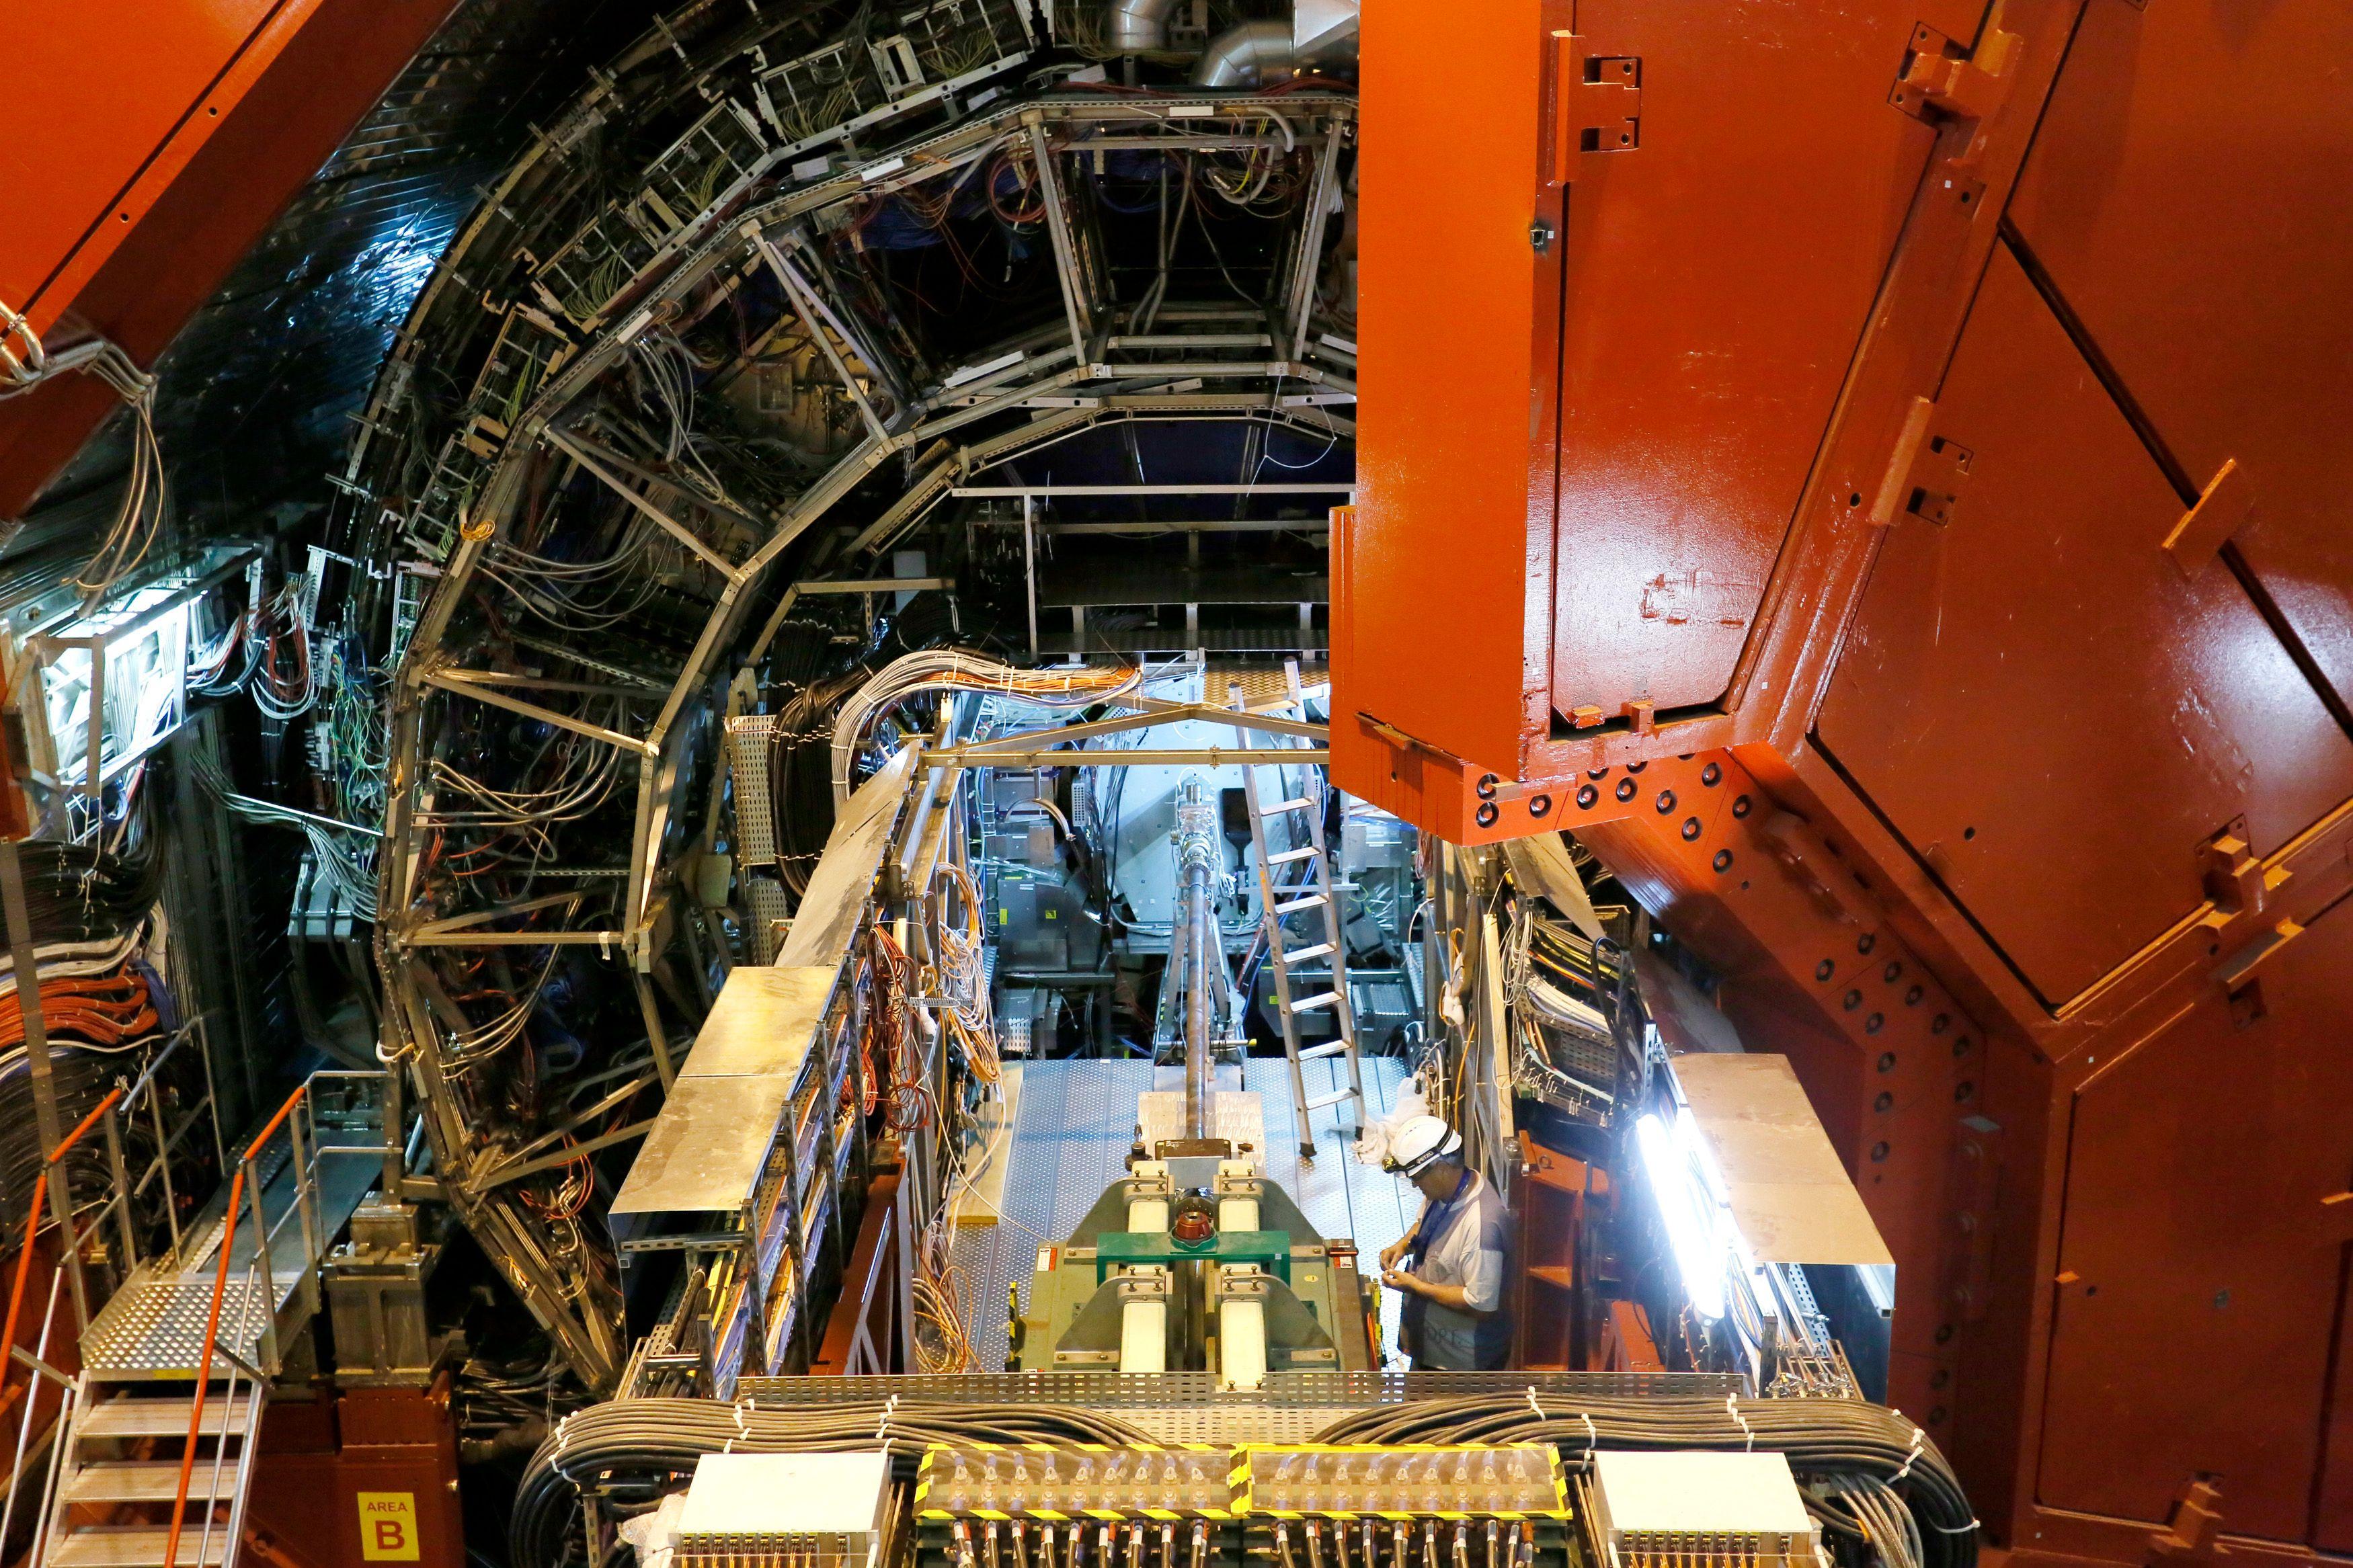 Une fouine bloque le plus grand accélérateur de particules du monde